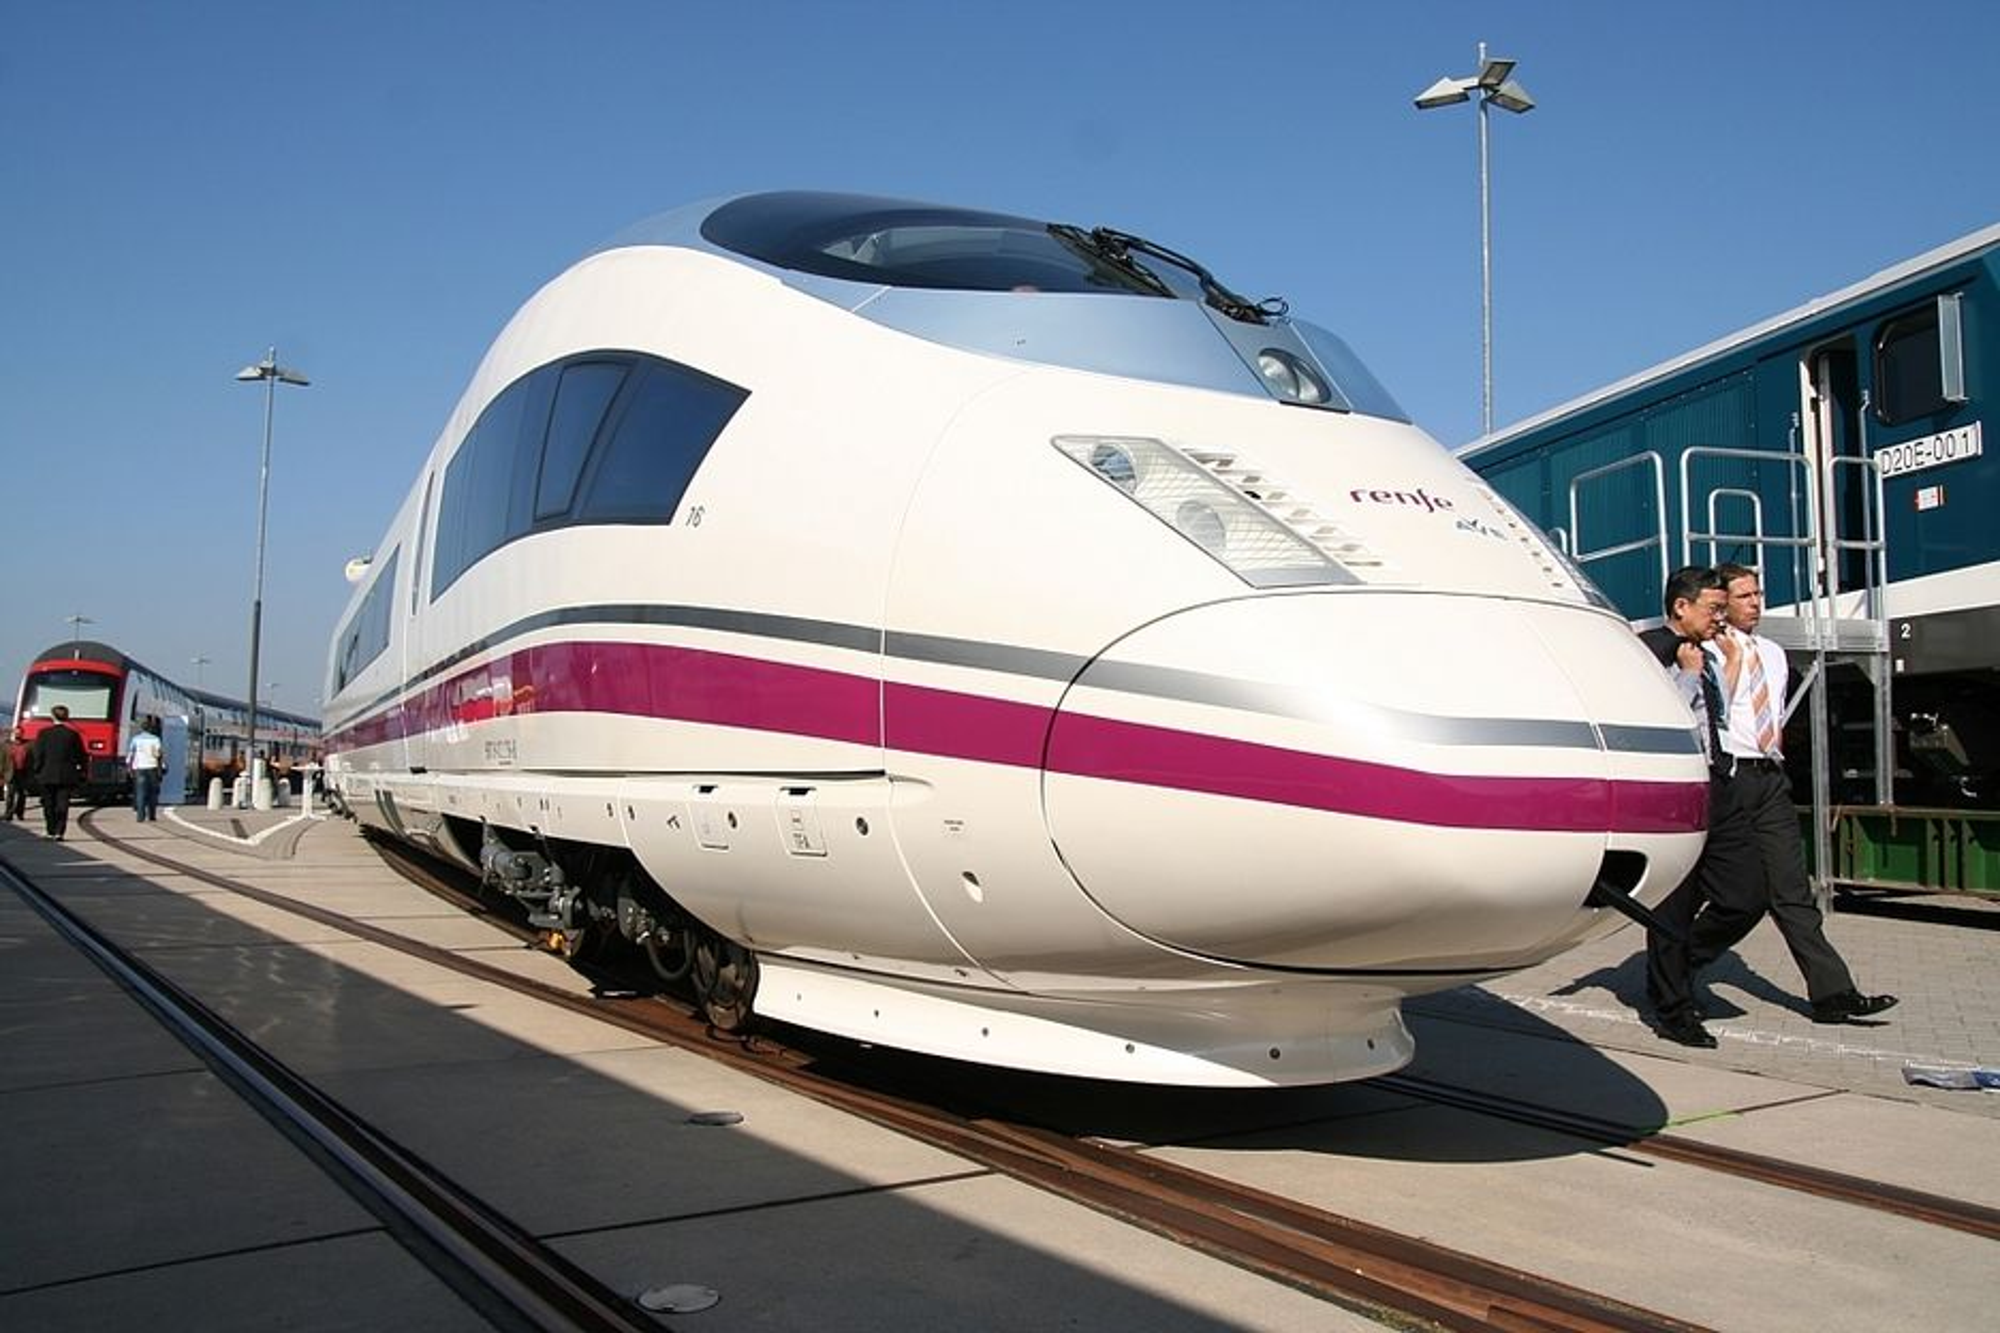 Høyhastighetstog vil kunne få 28.000 passasjerer om dagen, ifølge konsulentfirmaet Atkins. Her fra Spania.